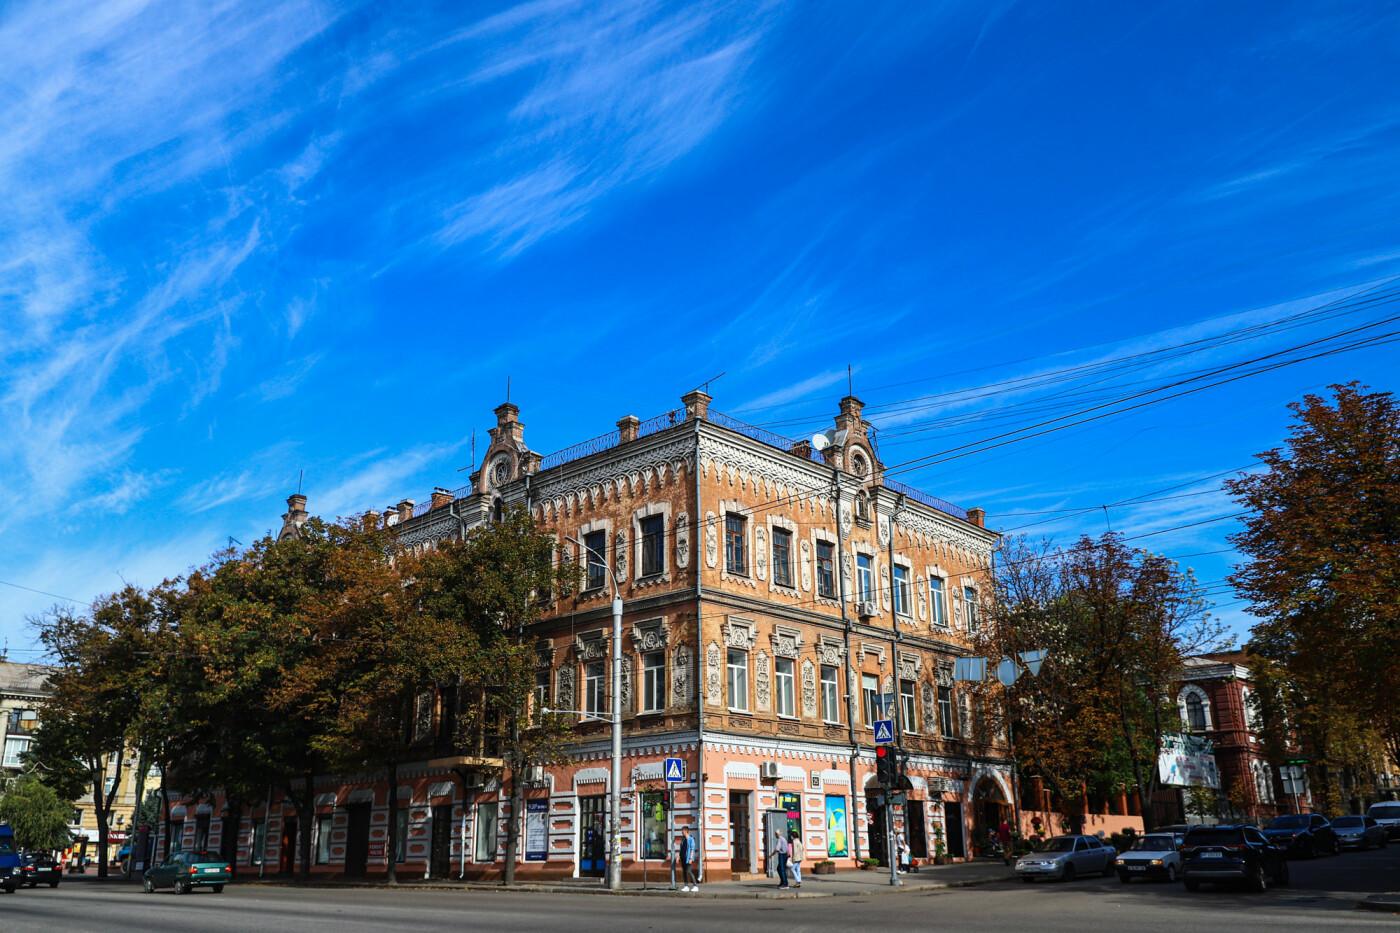 Маршруты выходного дня: не скучаем на карантине, а изучаем Запорожскую область и открываем секреты родного города, фото-30